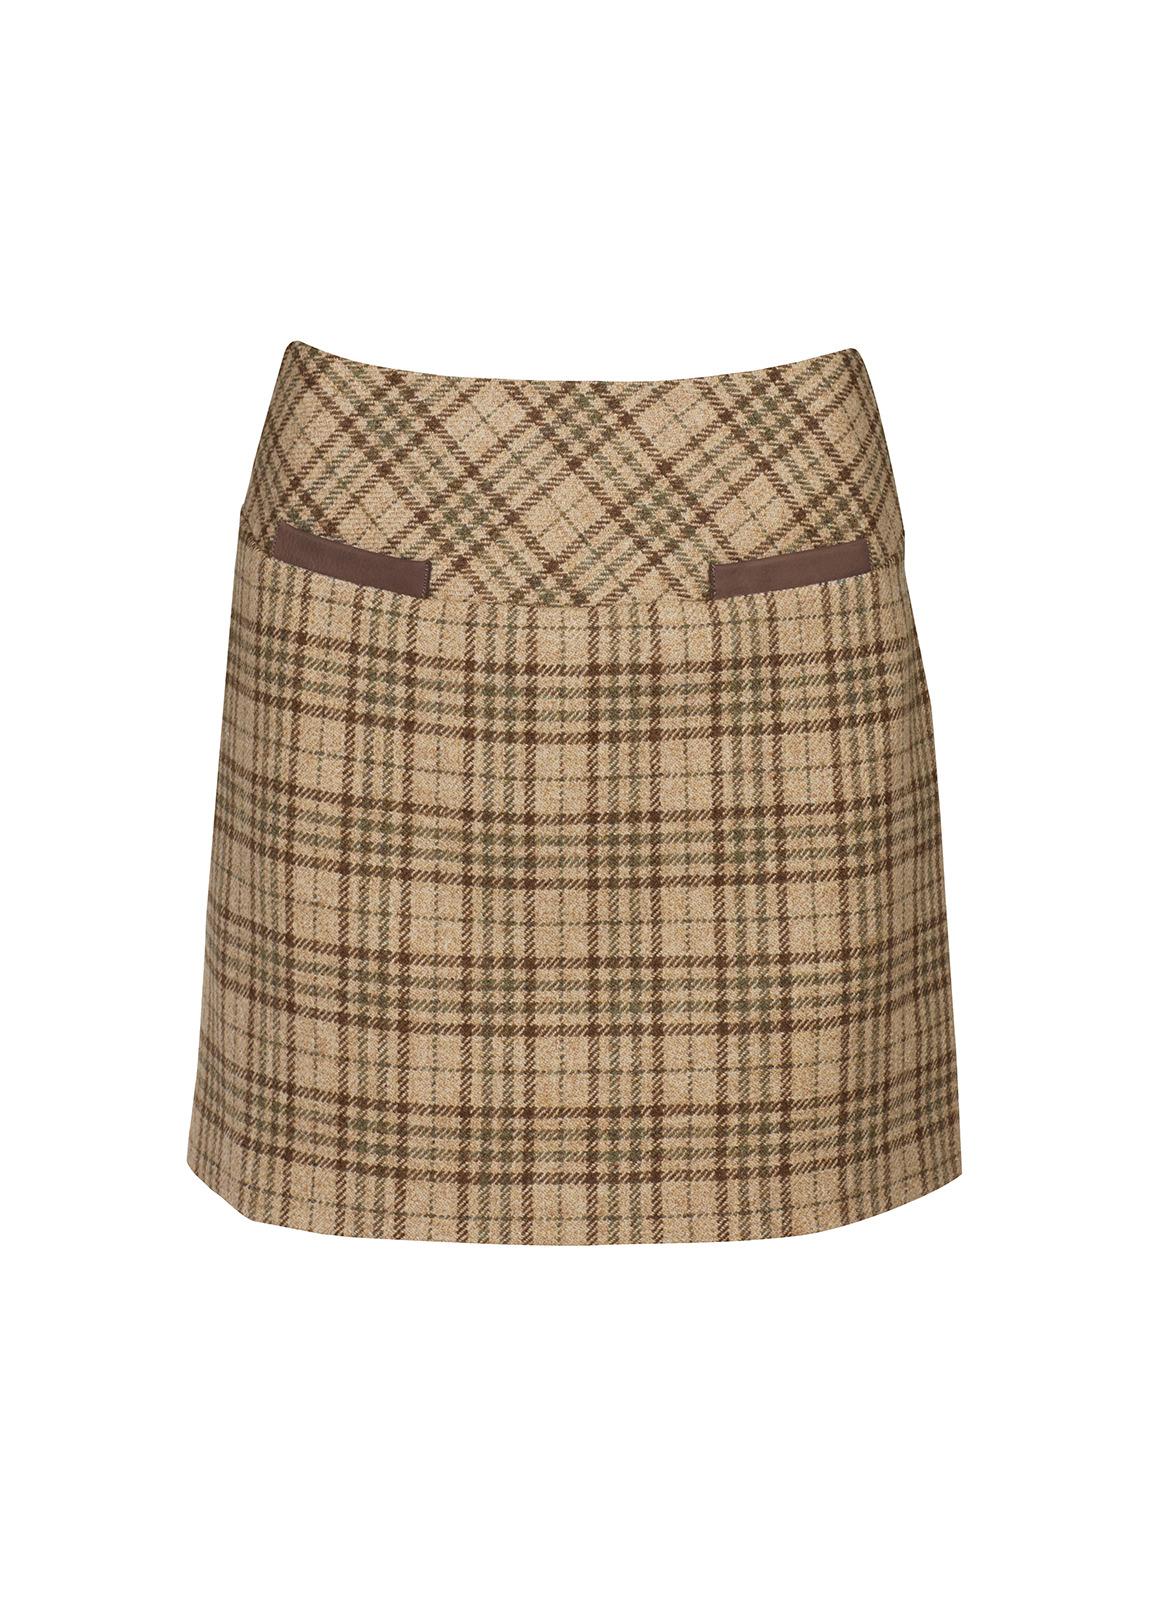 Dubarry_ Clover Tweed Mini Skirt - Pebble_Image_2